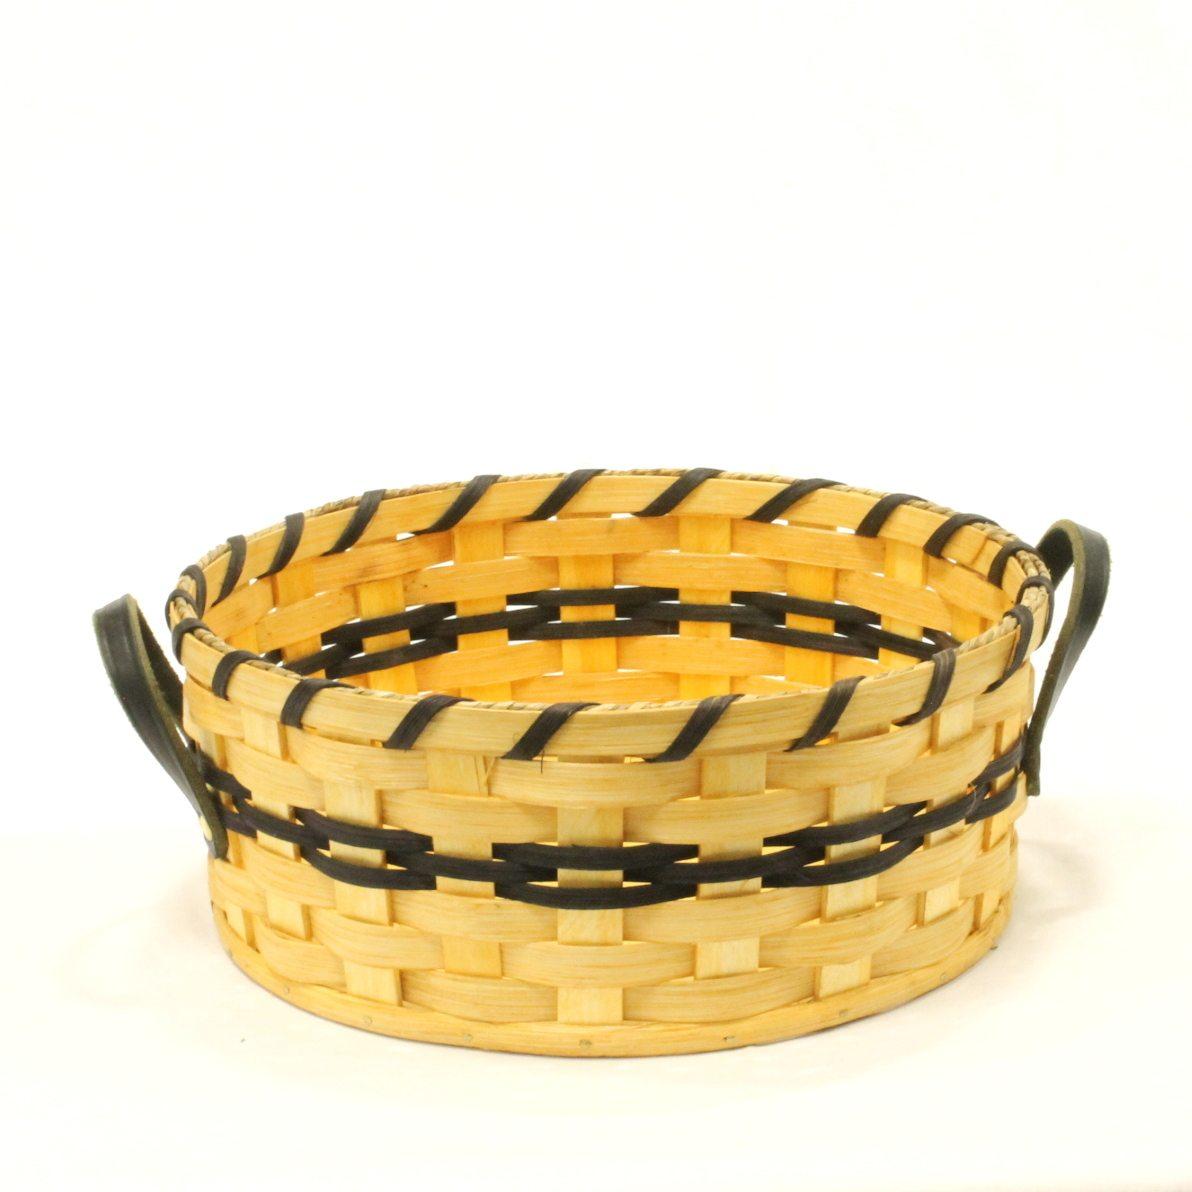 Bun Basket- Large Bun Basket - Leather handled basket